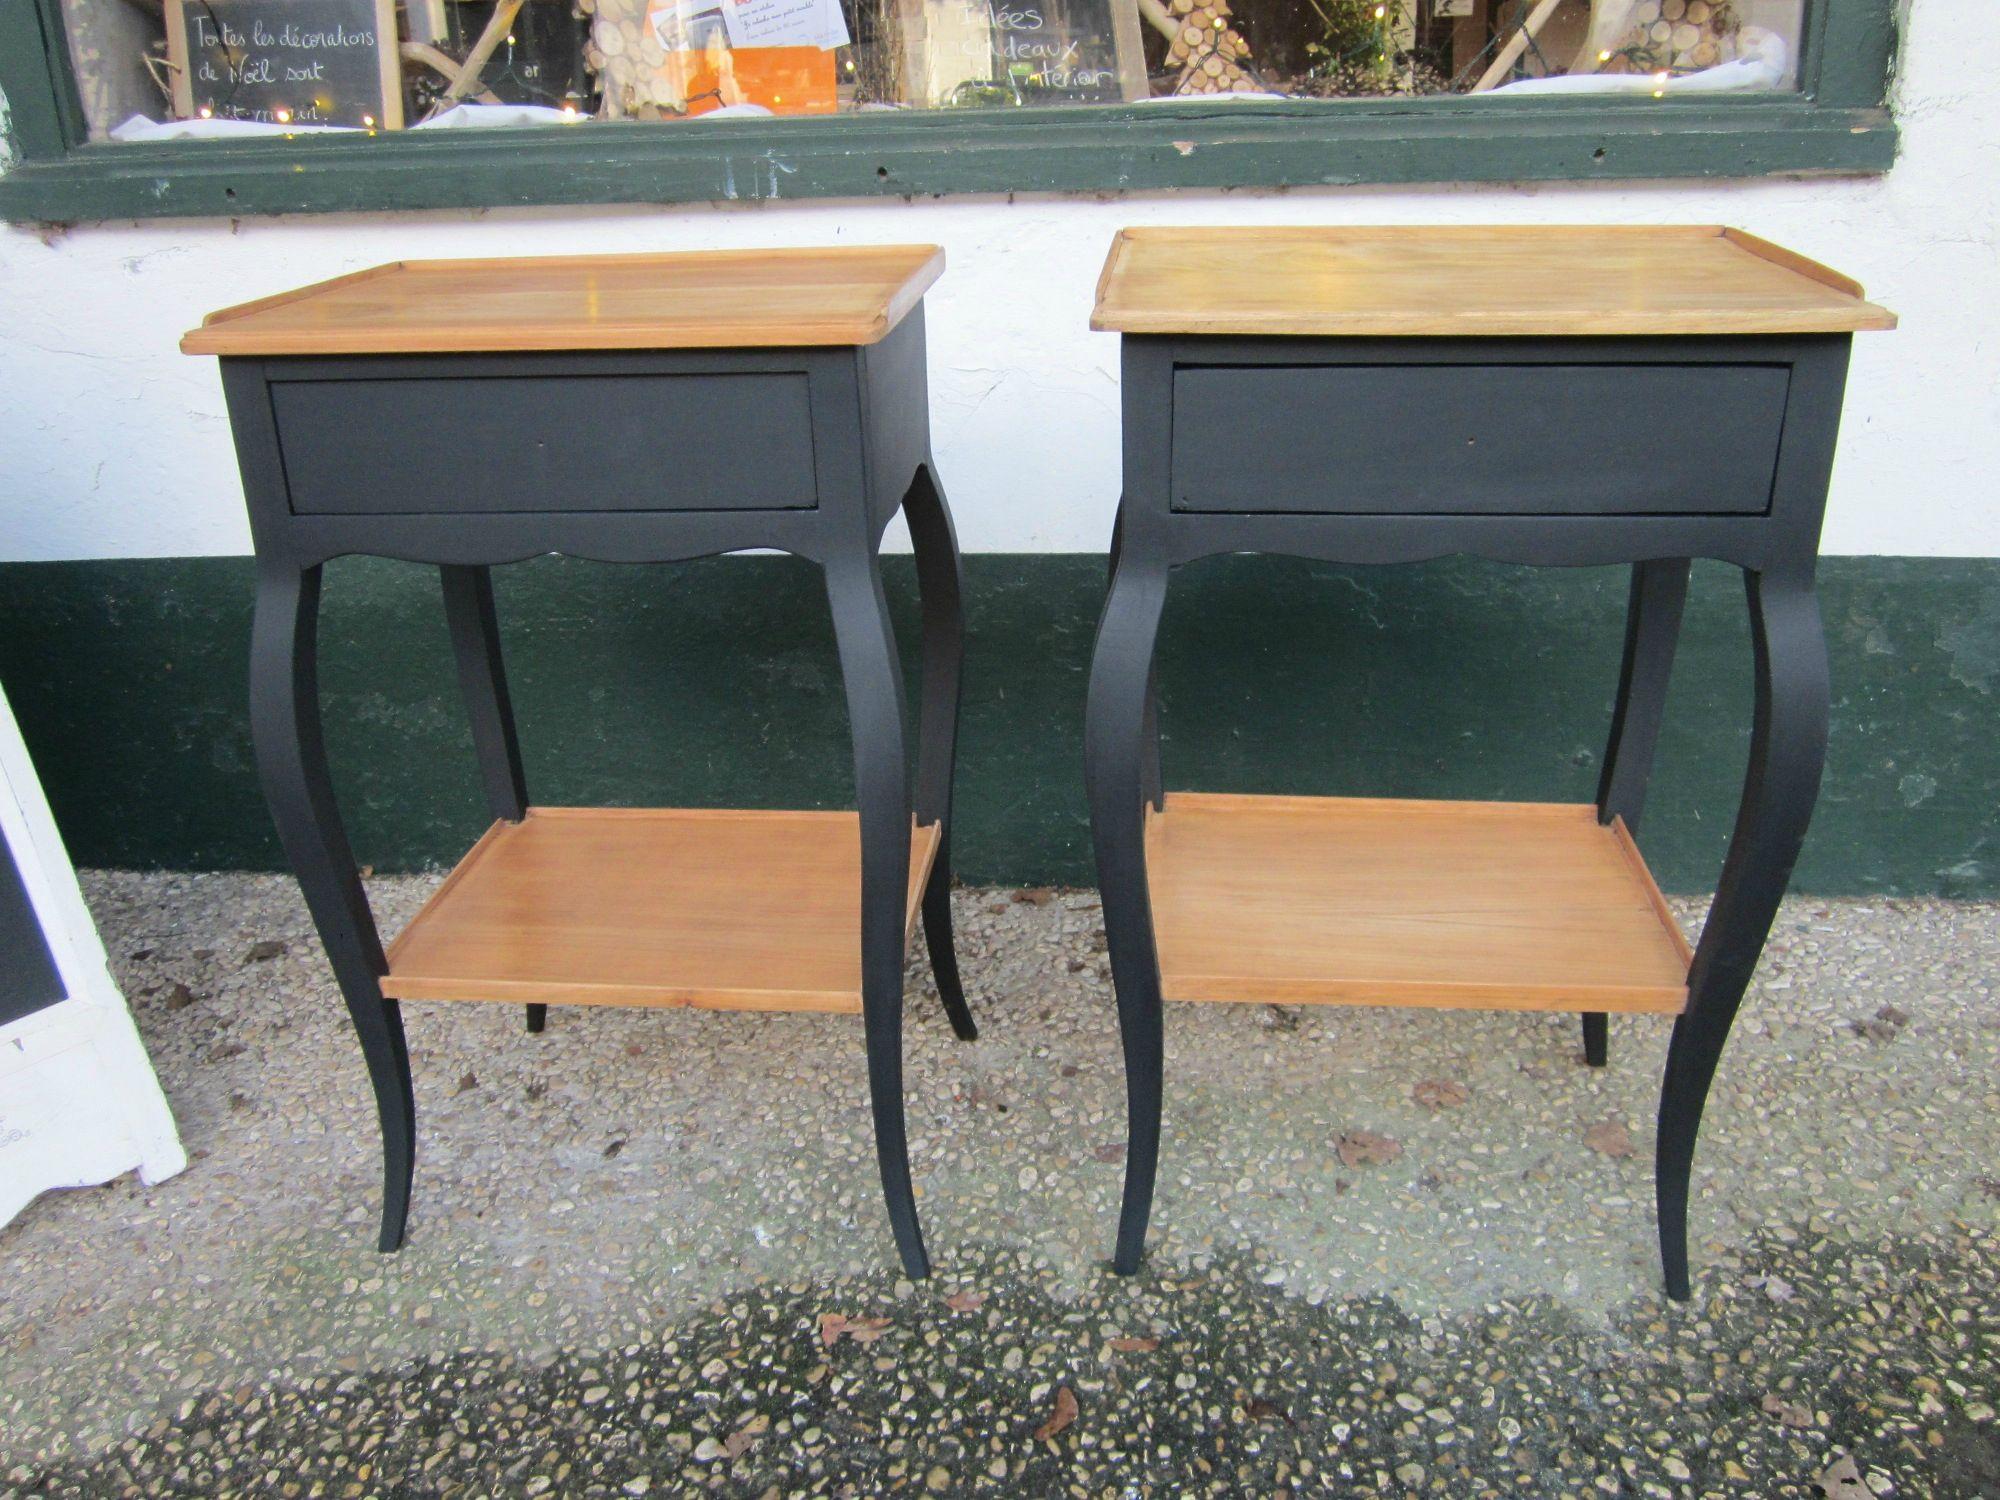 afficher l 39 image d 39 origine meubles patin s relook s pinterest transformation de meubles. Black Bedroom Furniture Sets. Home Design Ideas